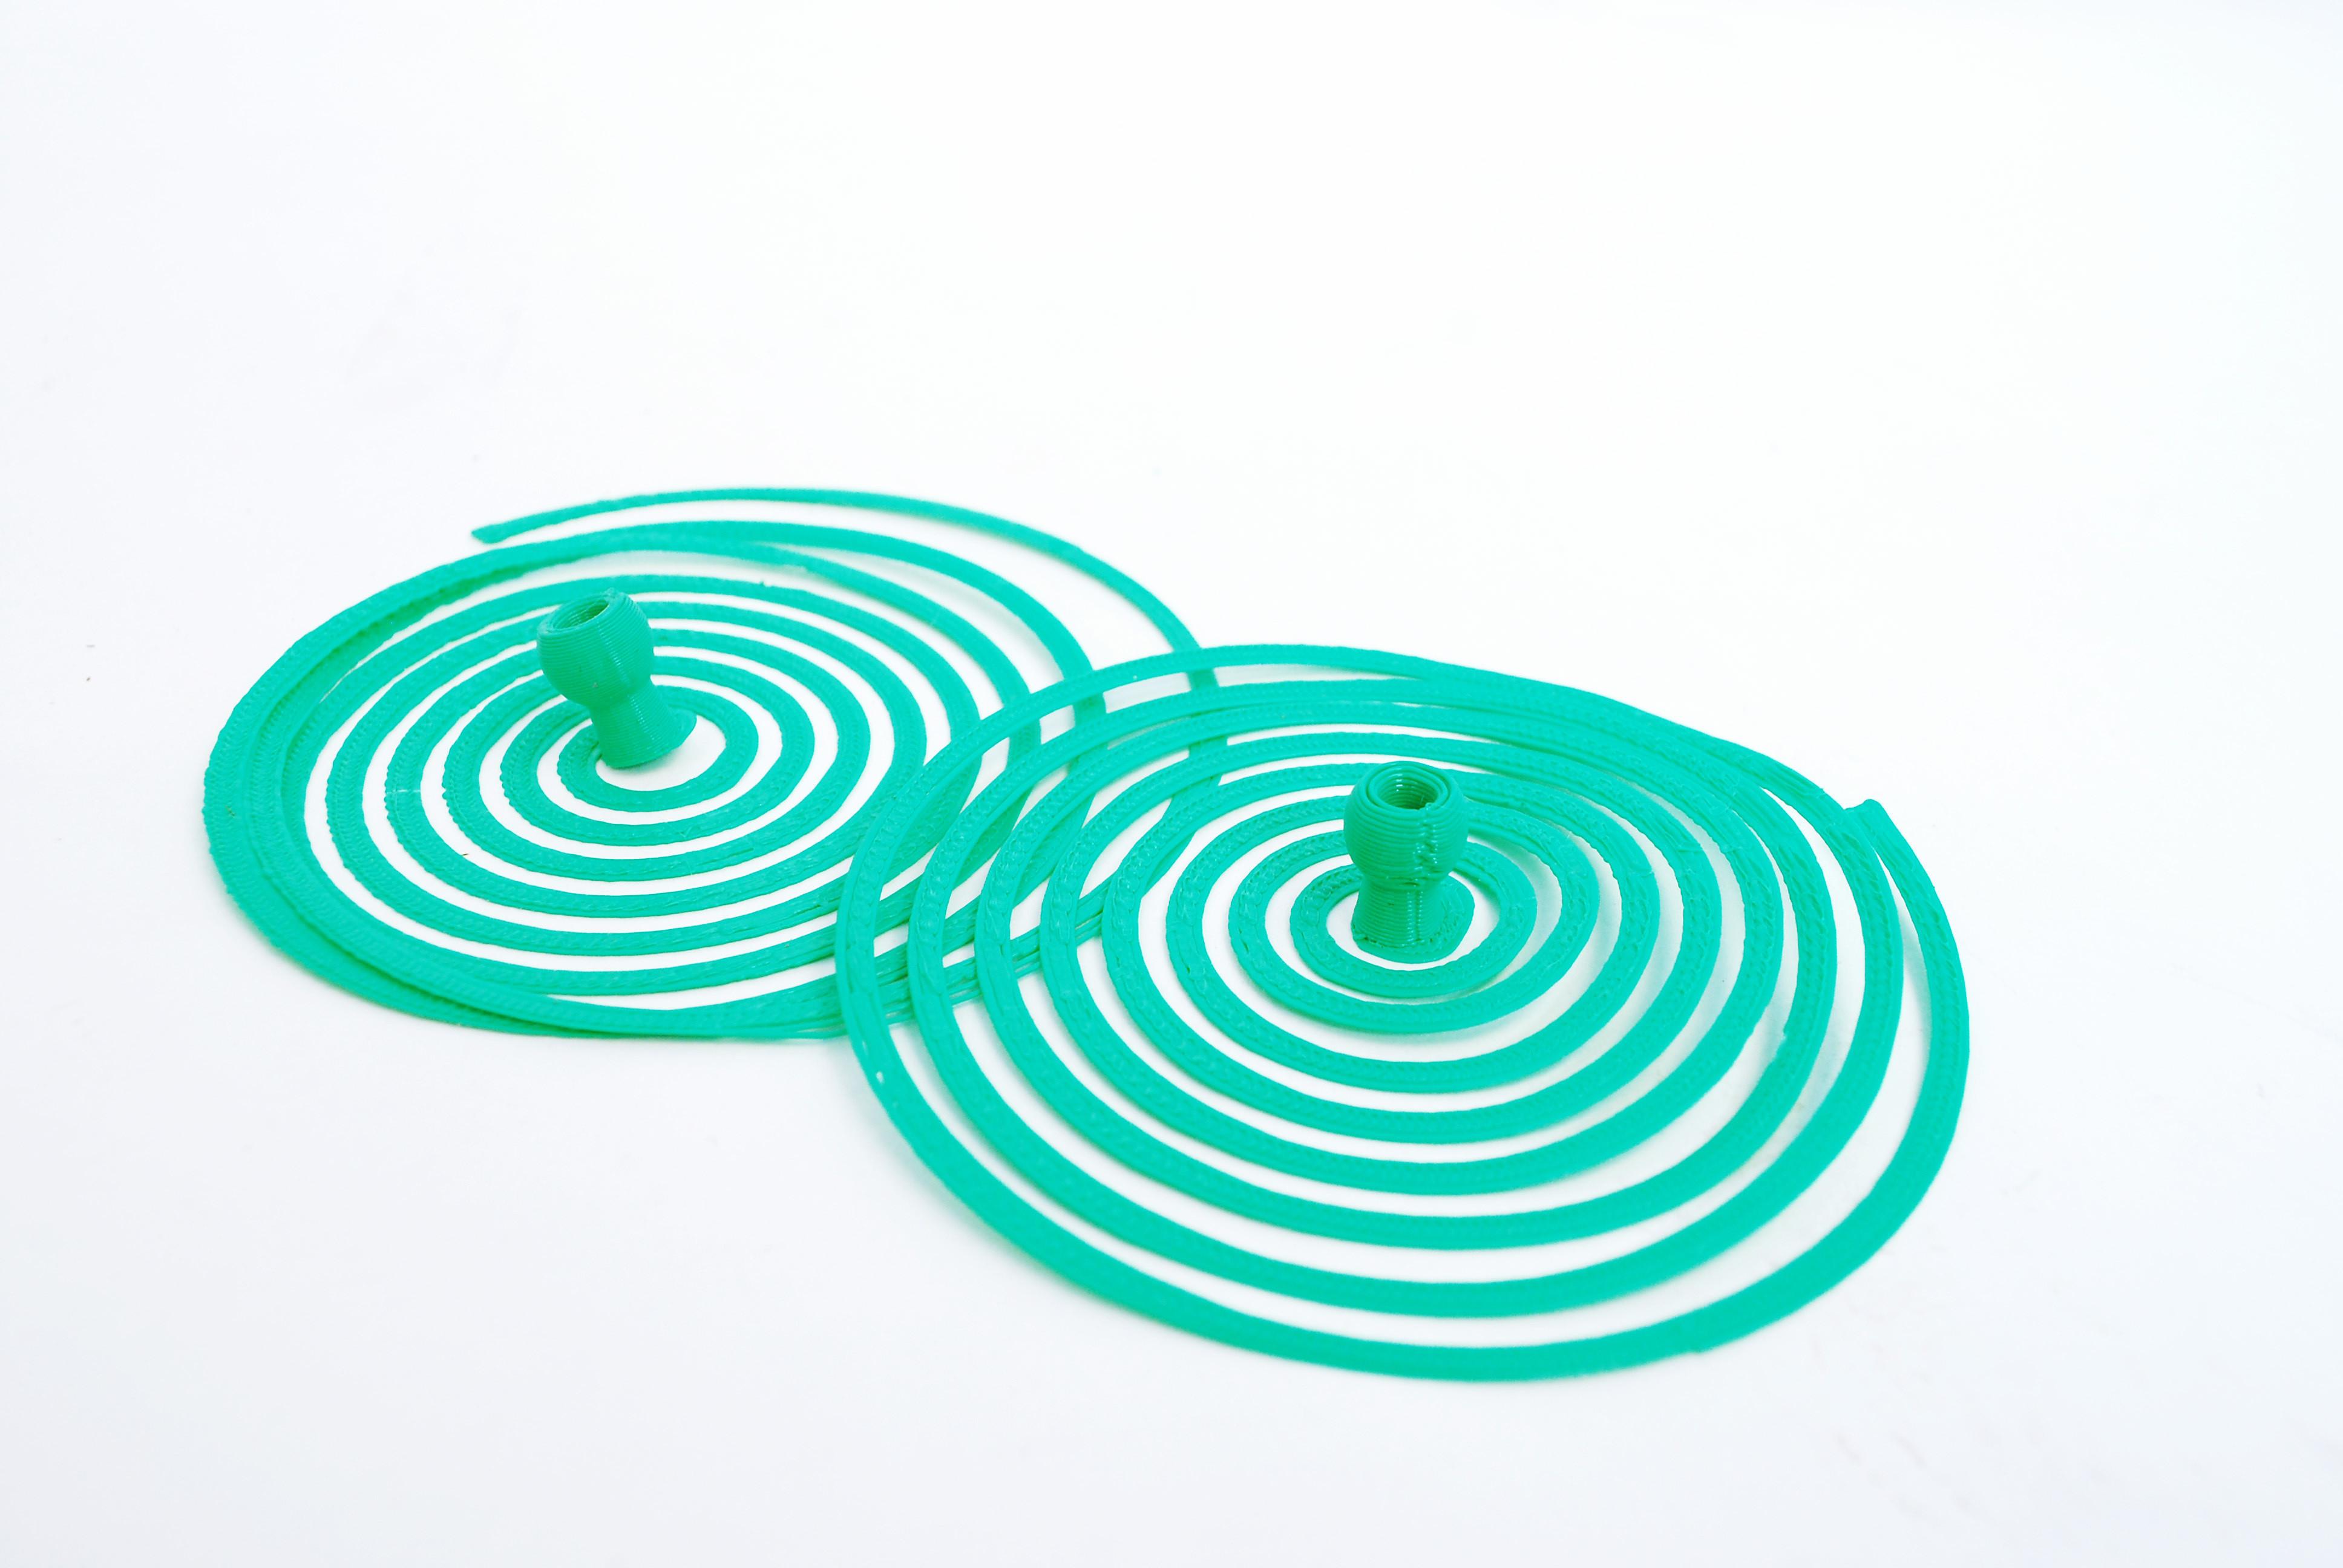 2014-08-25_16.14.45.jpg Download free STL file Ogo Spiral • Model to 3D print, OgoSport